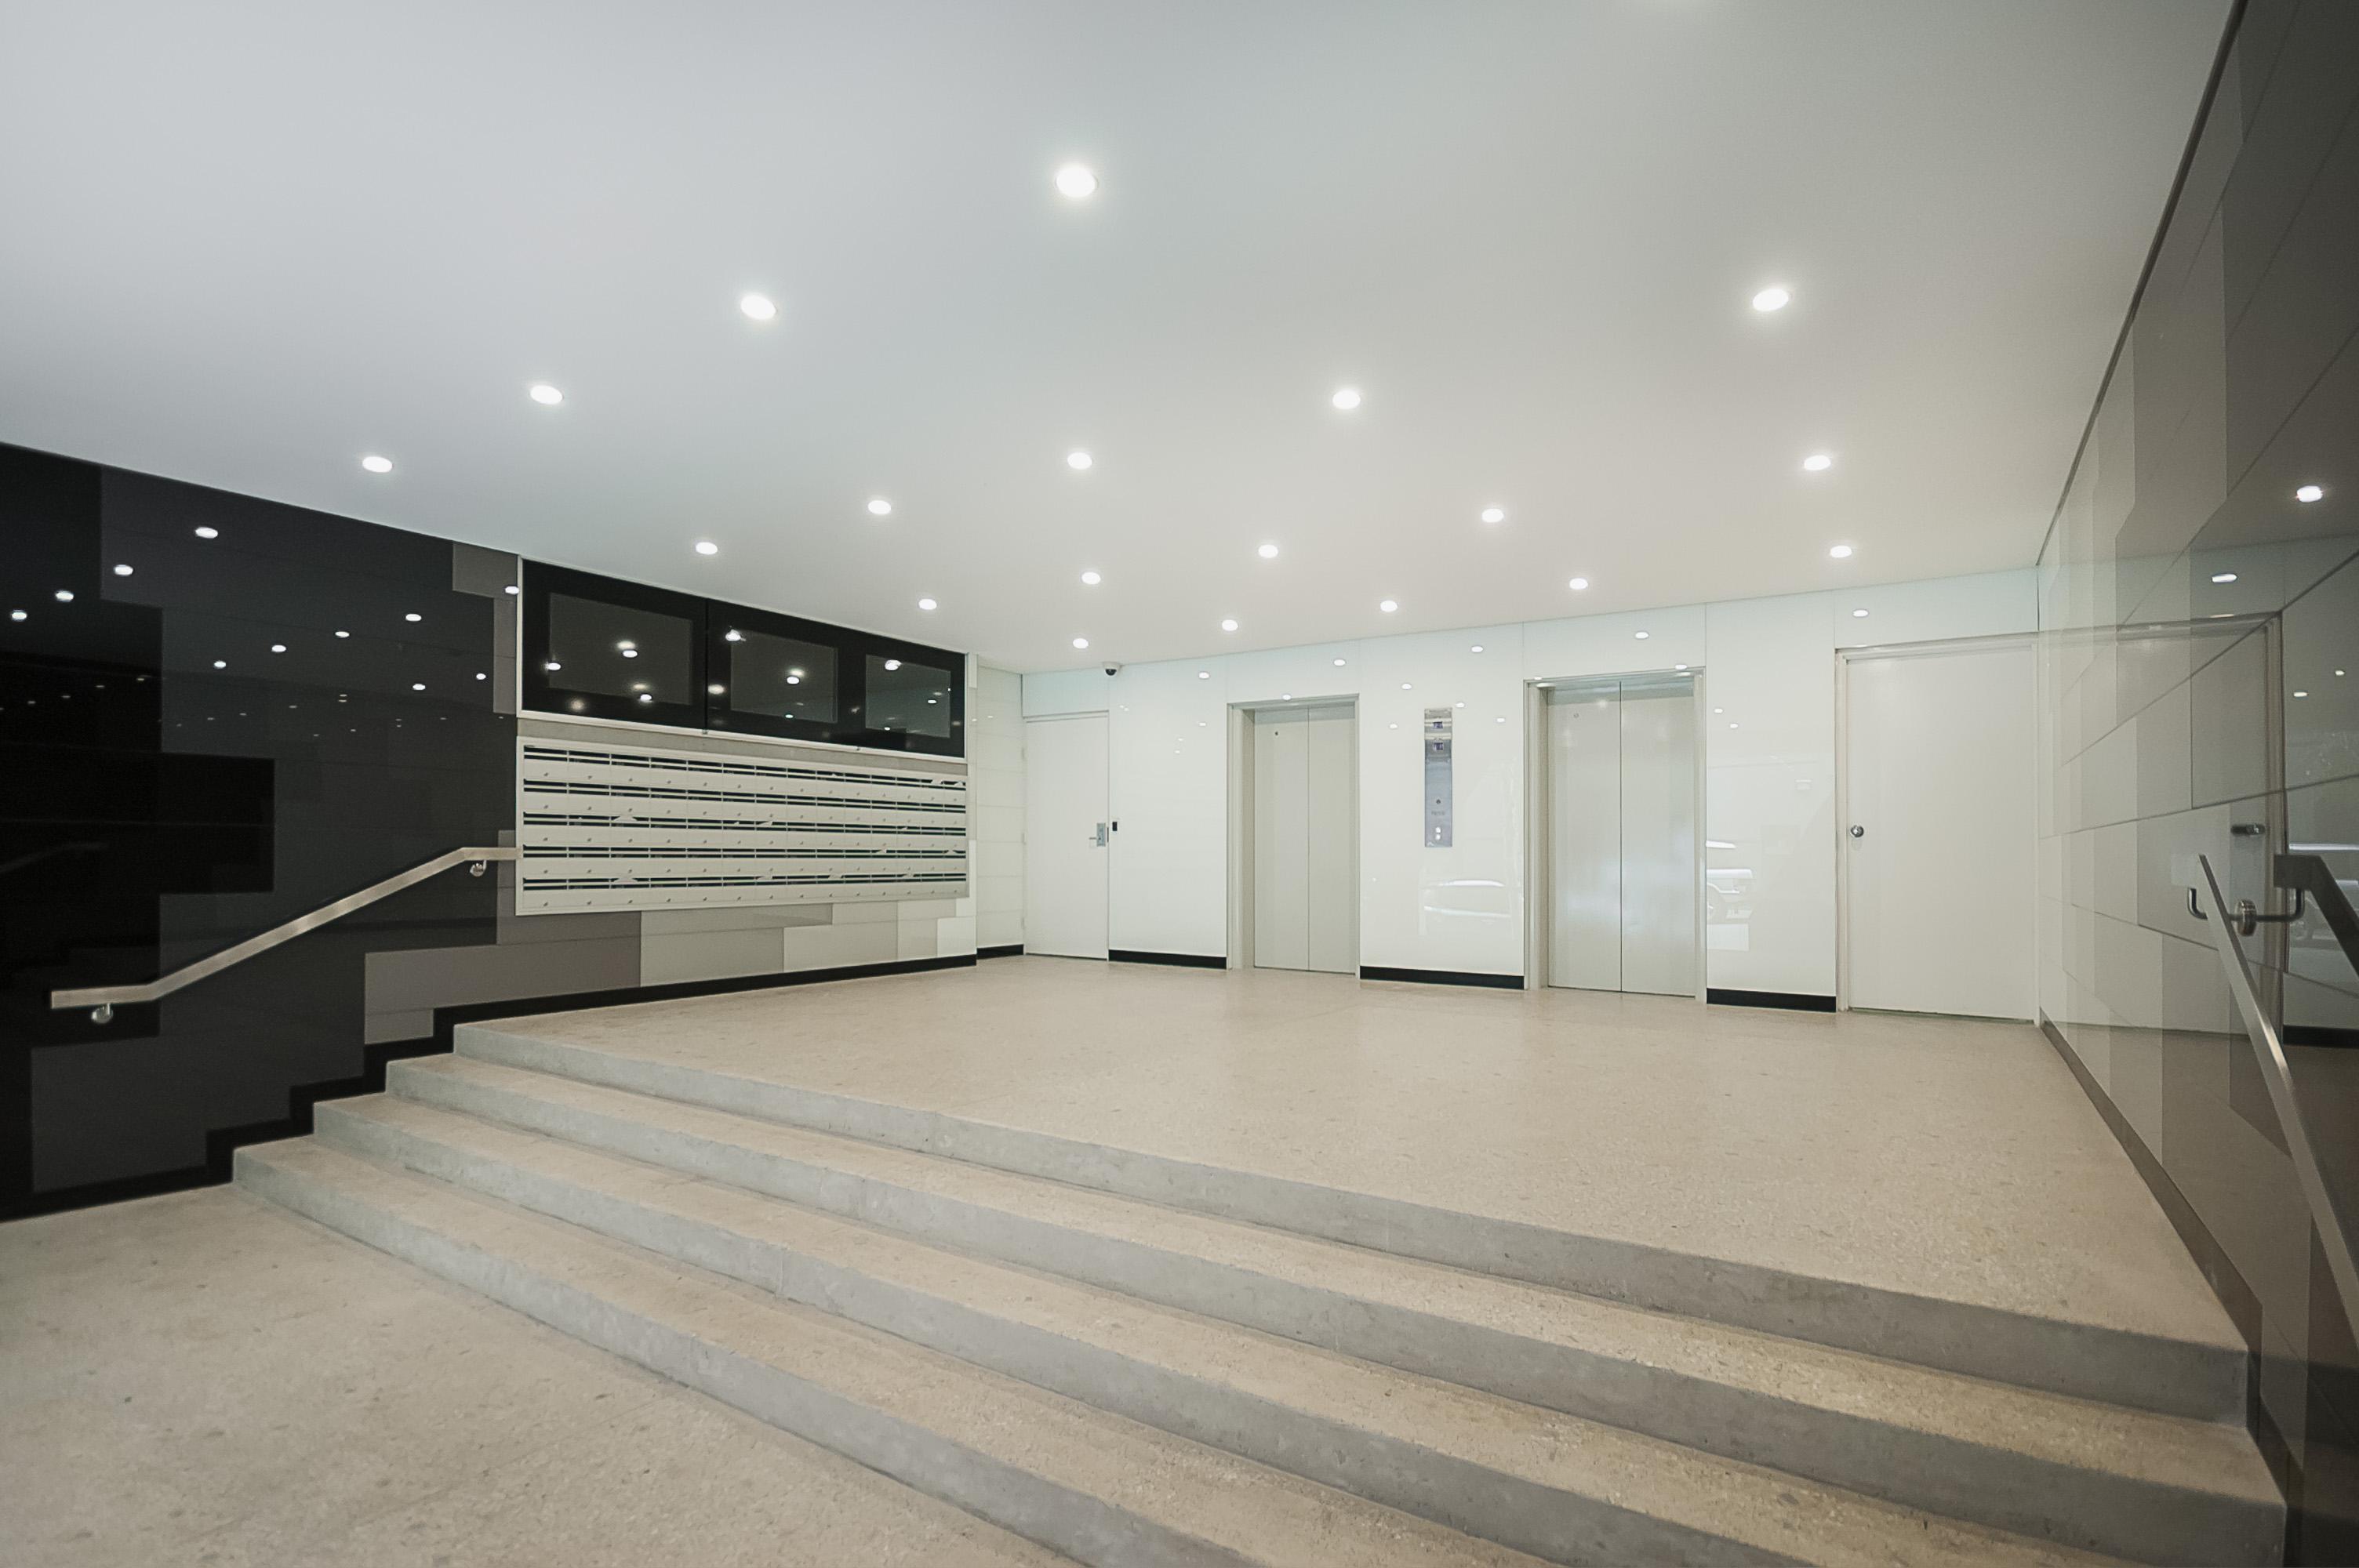 Fotoulla lazaridis architect surry hills commercial office refurbishment - Commercial office refurbishment ...